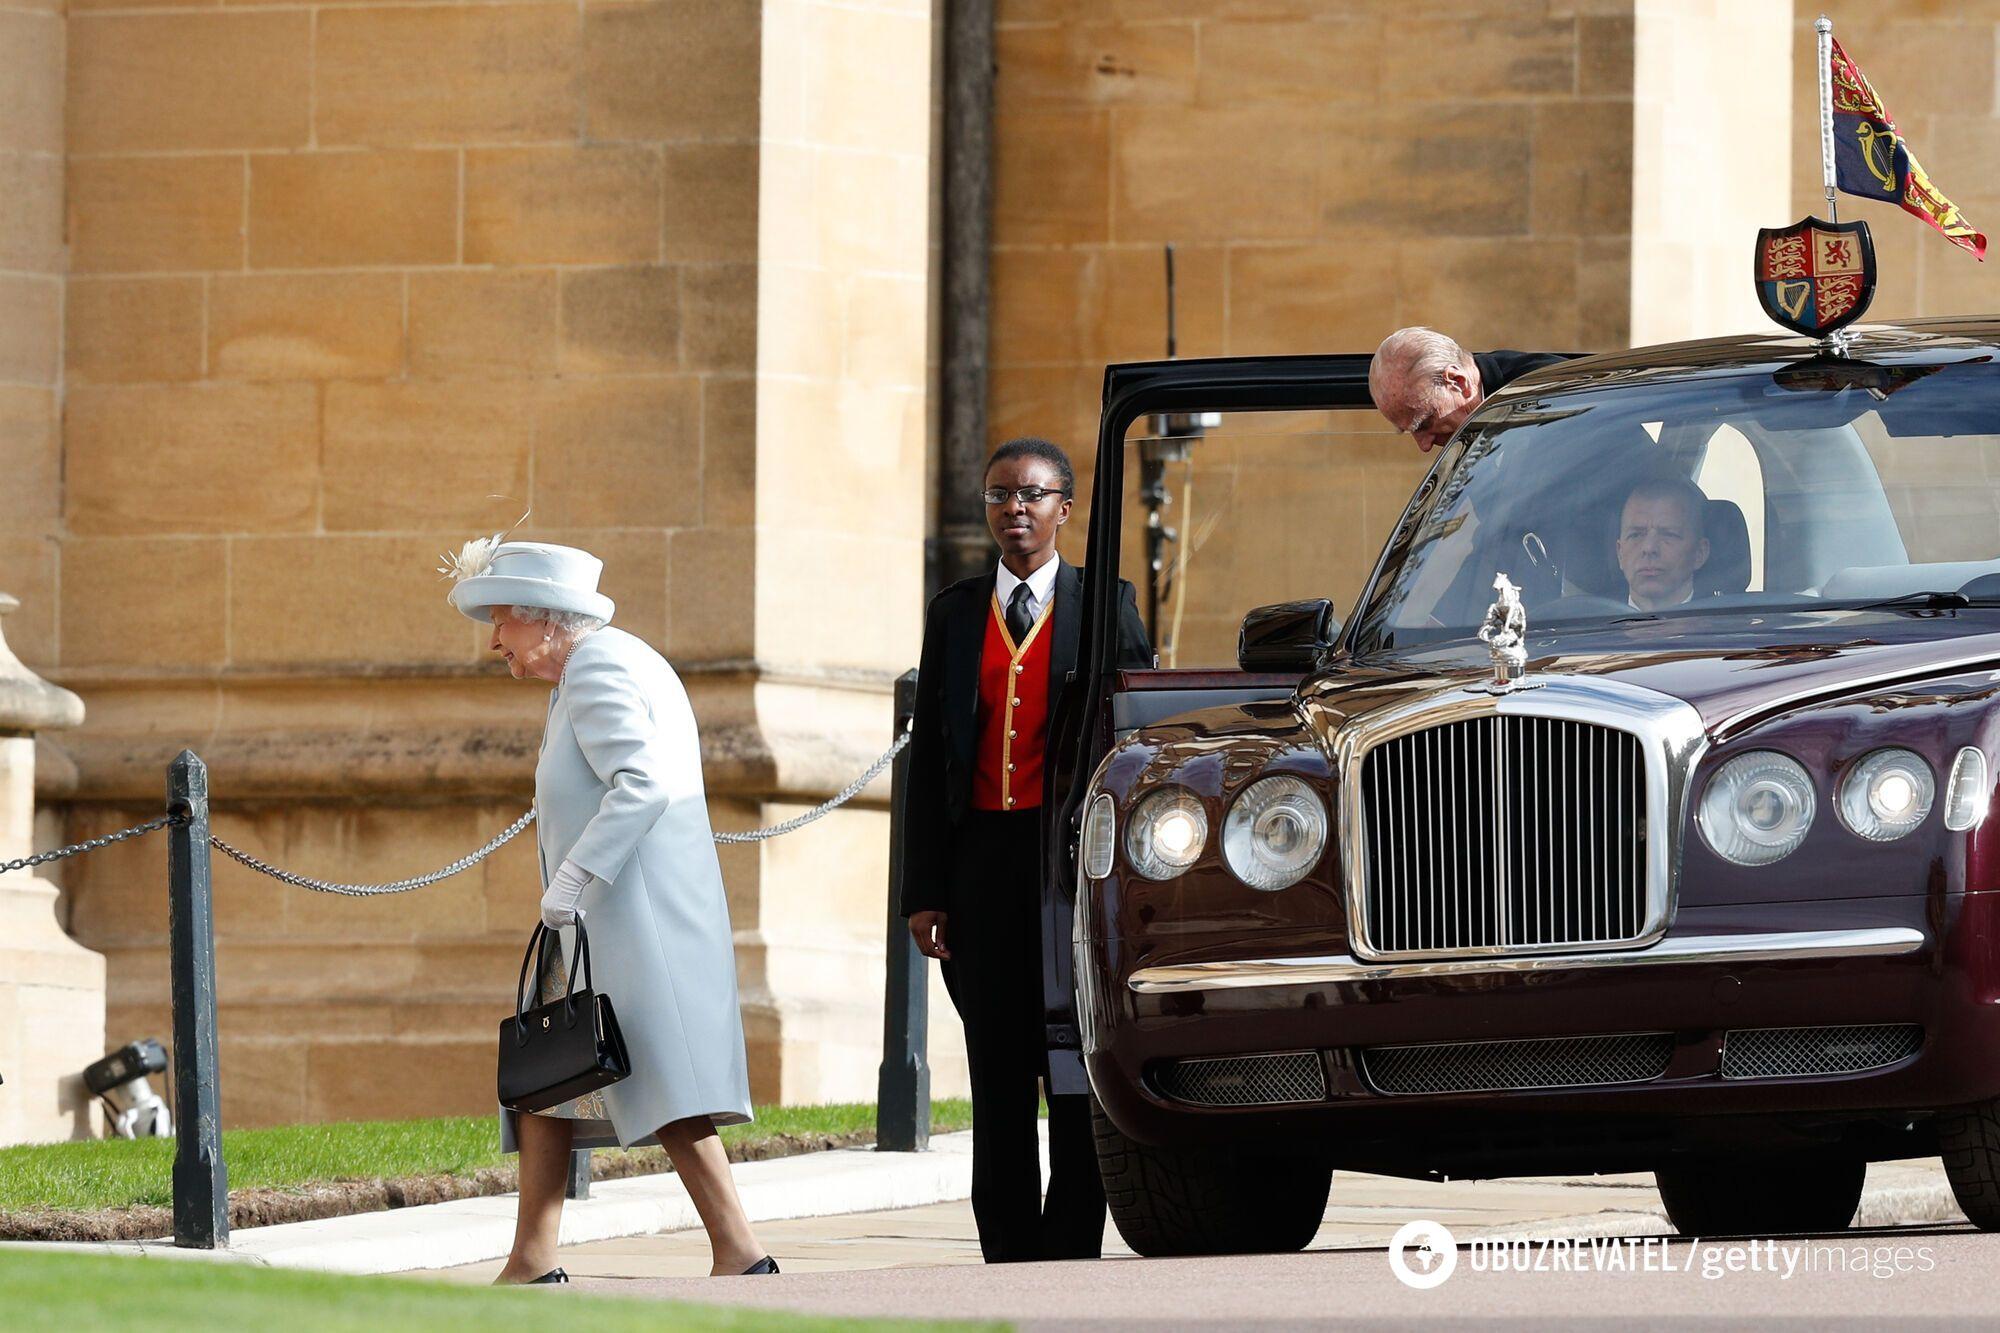 На официальных мероприятиях королева чаще всего появляется на автомобилях марок Bentley и Rolls-Royce